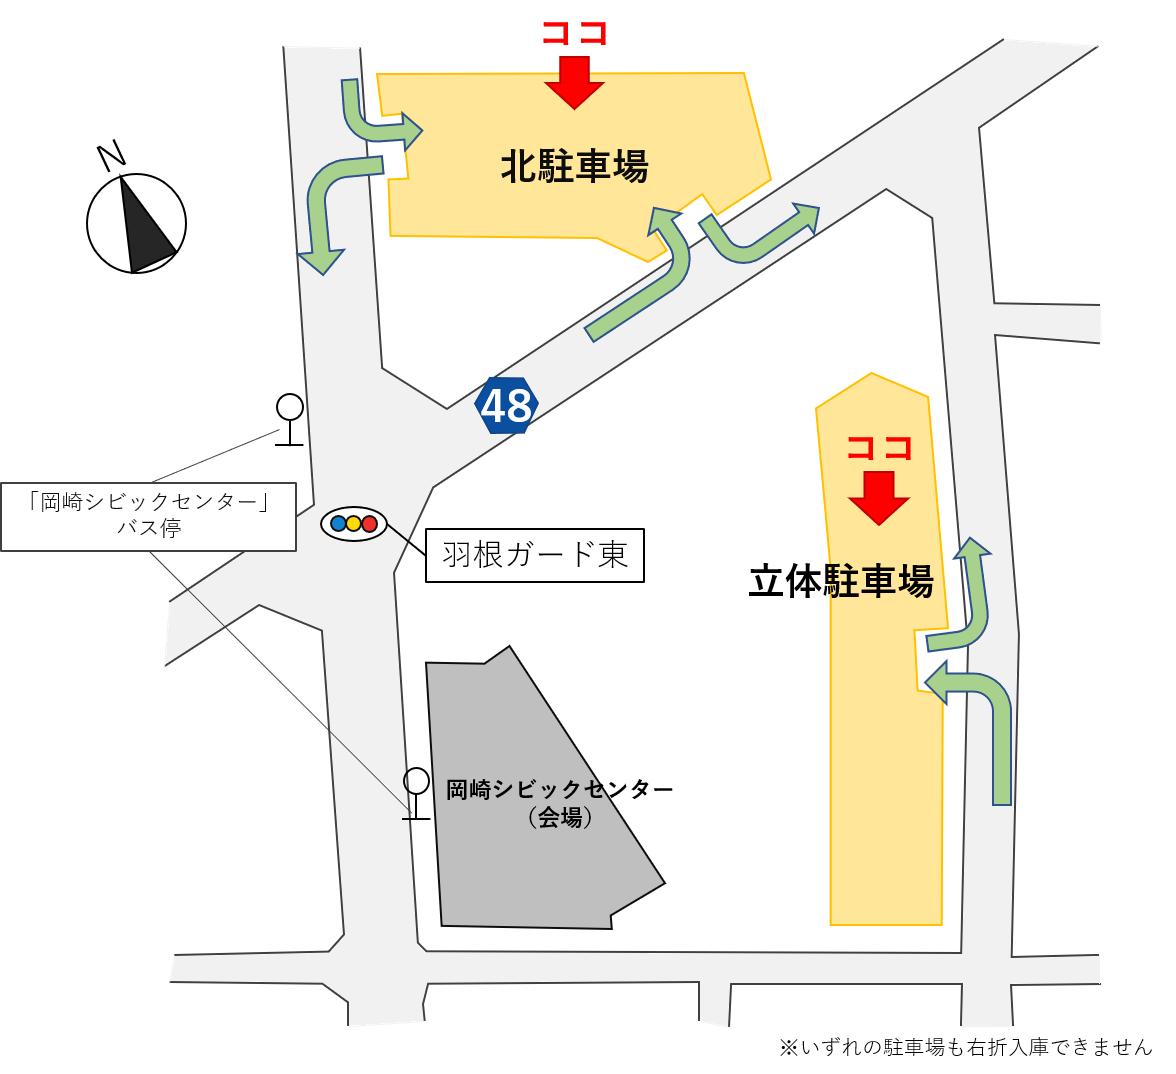 岡崎市シビックセンター 駐車場